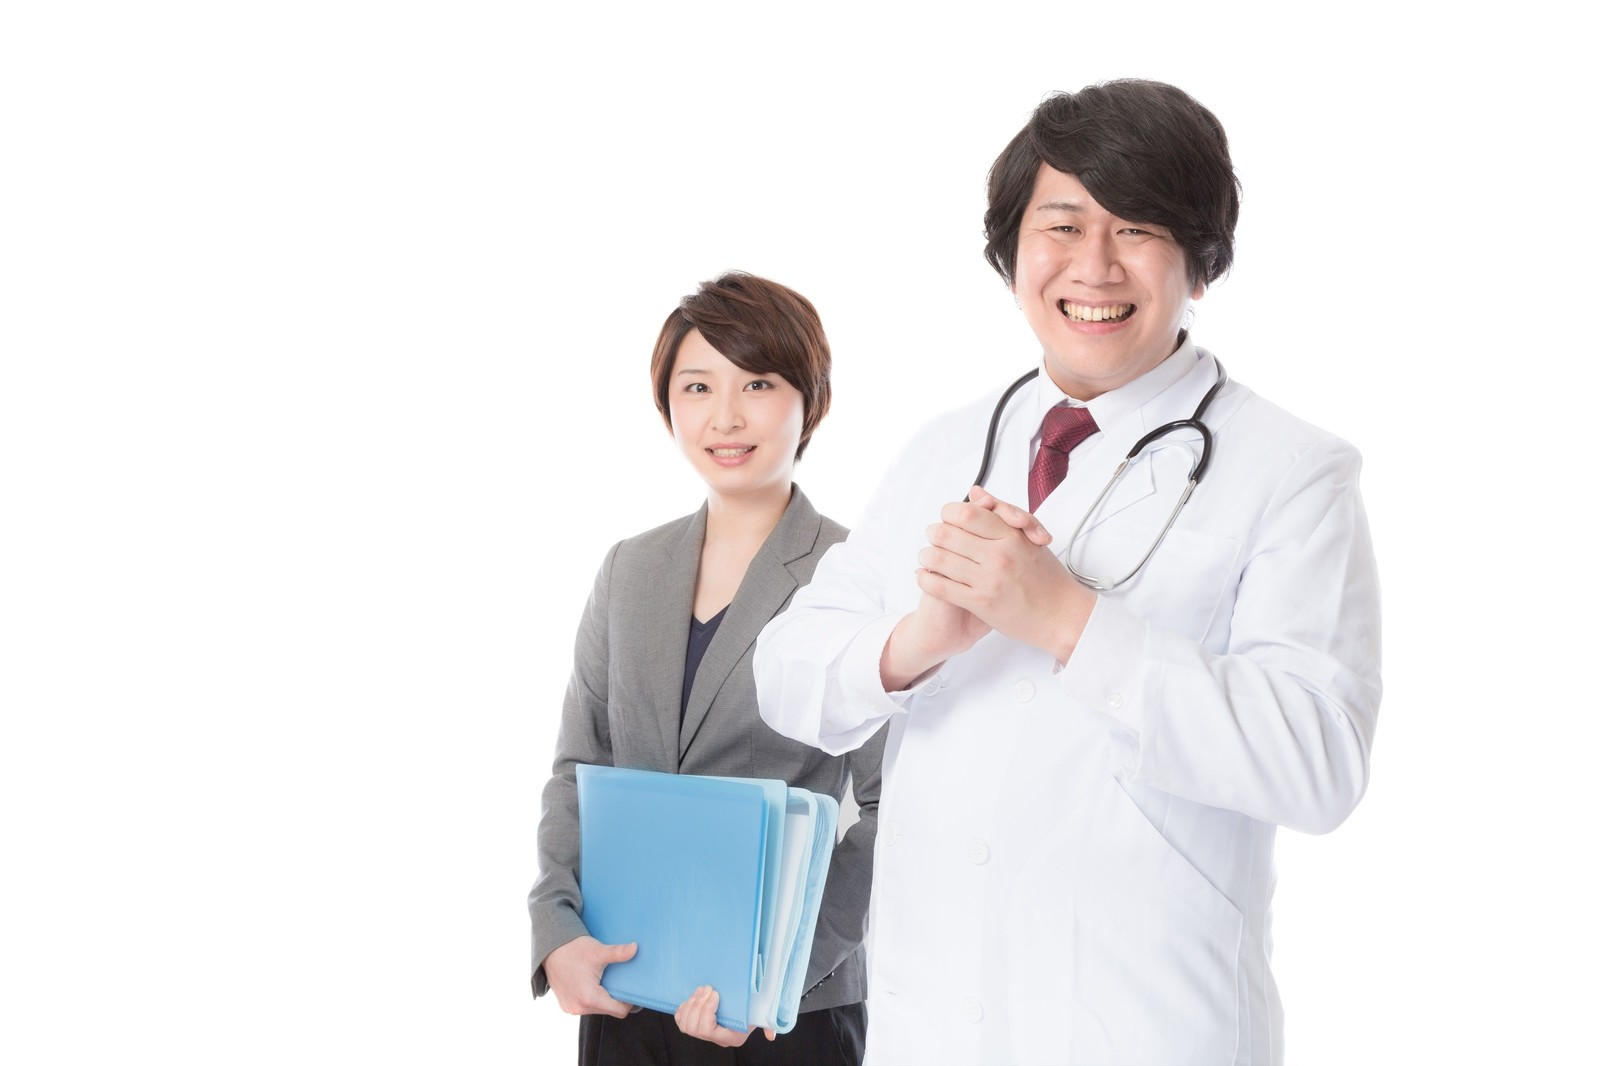 血液クレンジングでアトピーやヘルペスは改善する?動脈硬化・腎臓疾患や癌・自律神経の効果も調査!